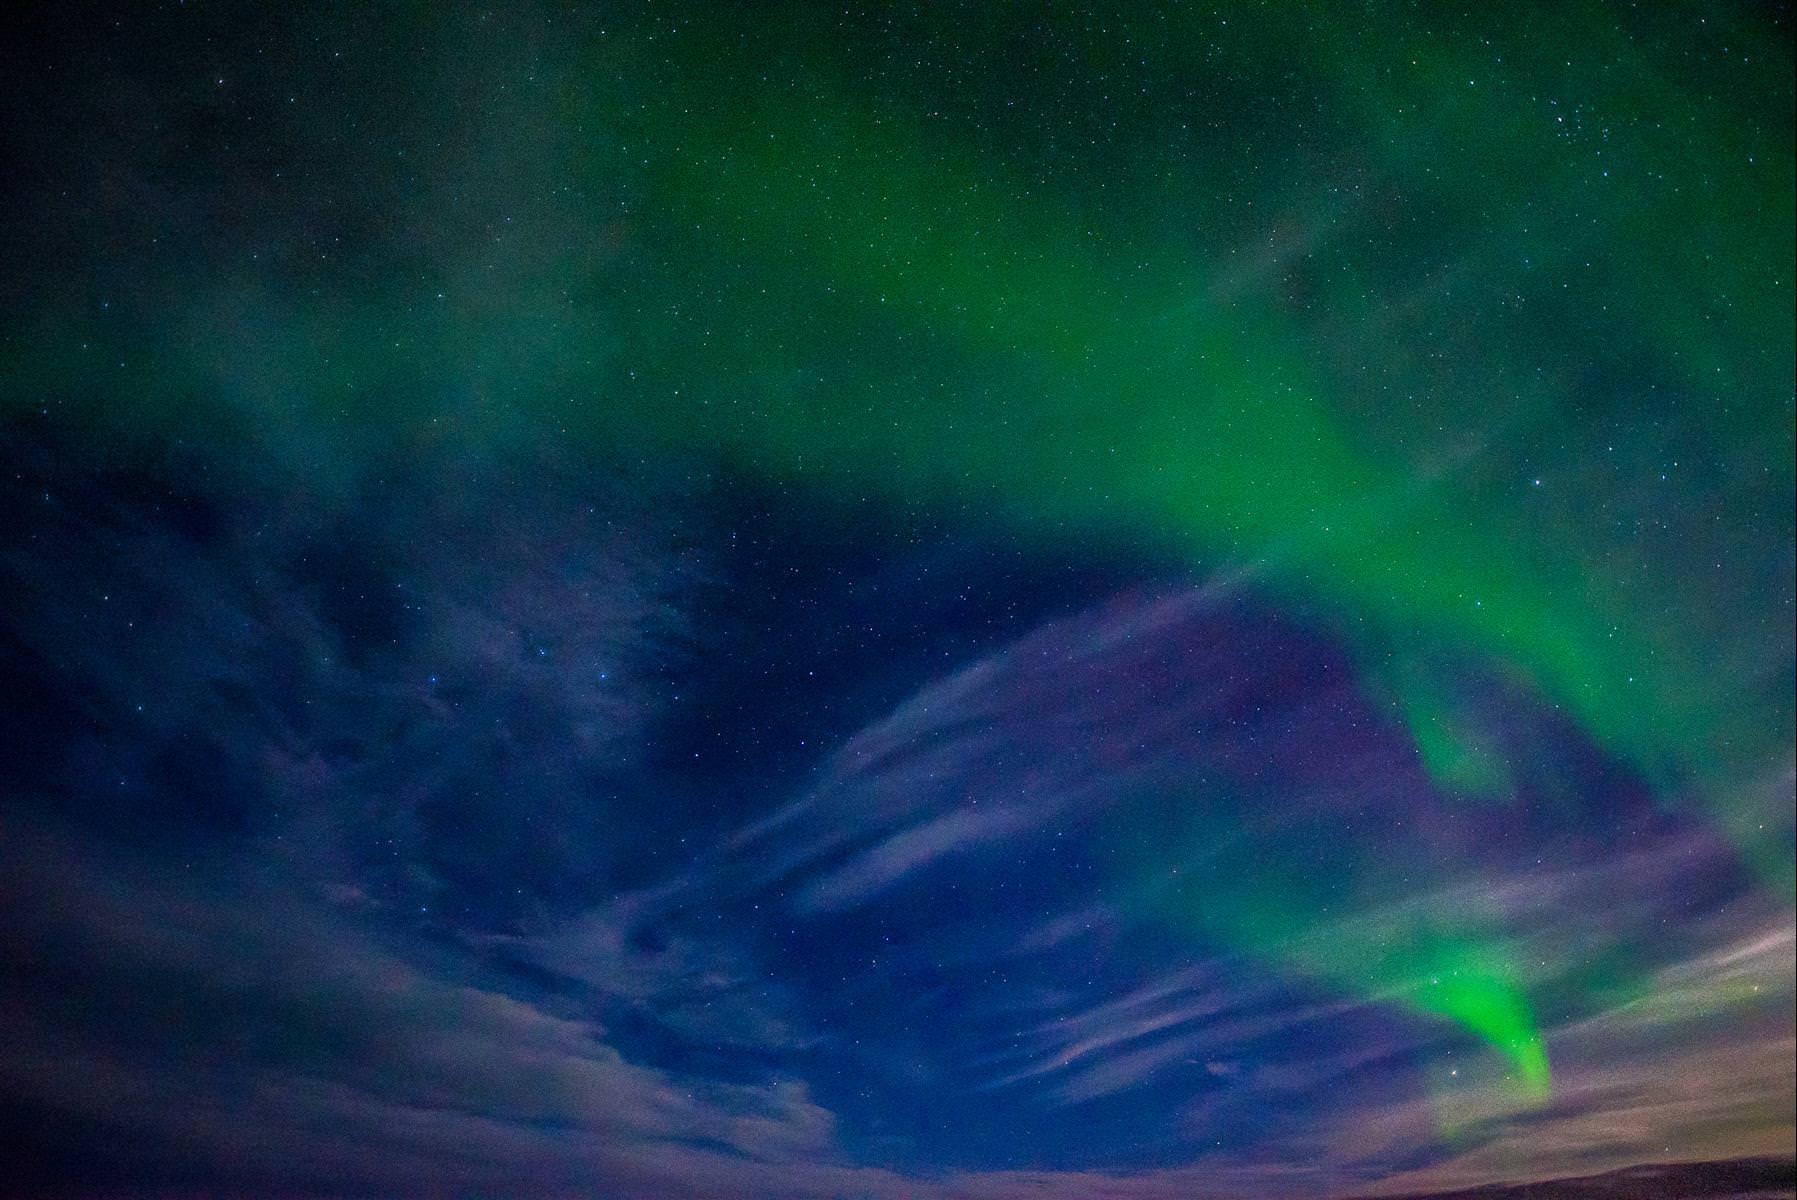 去冰島拍極光帶什麼相機